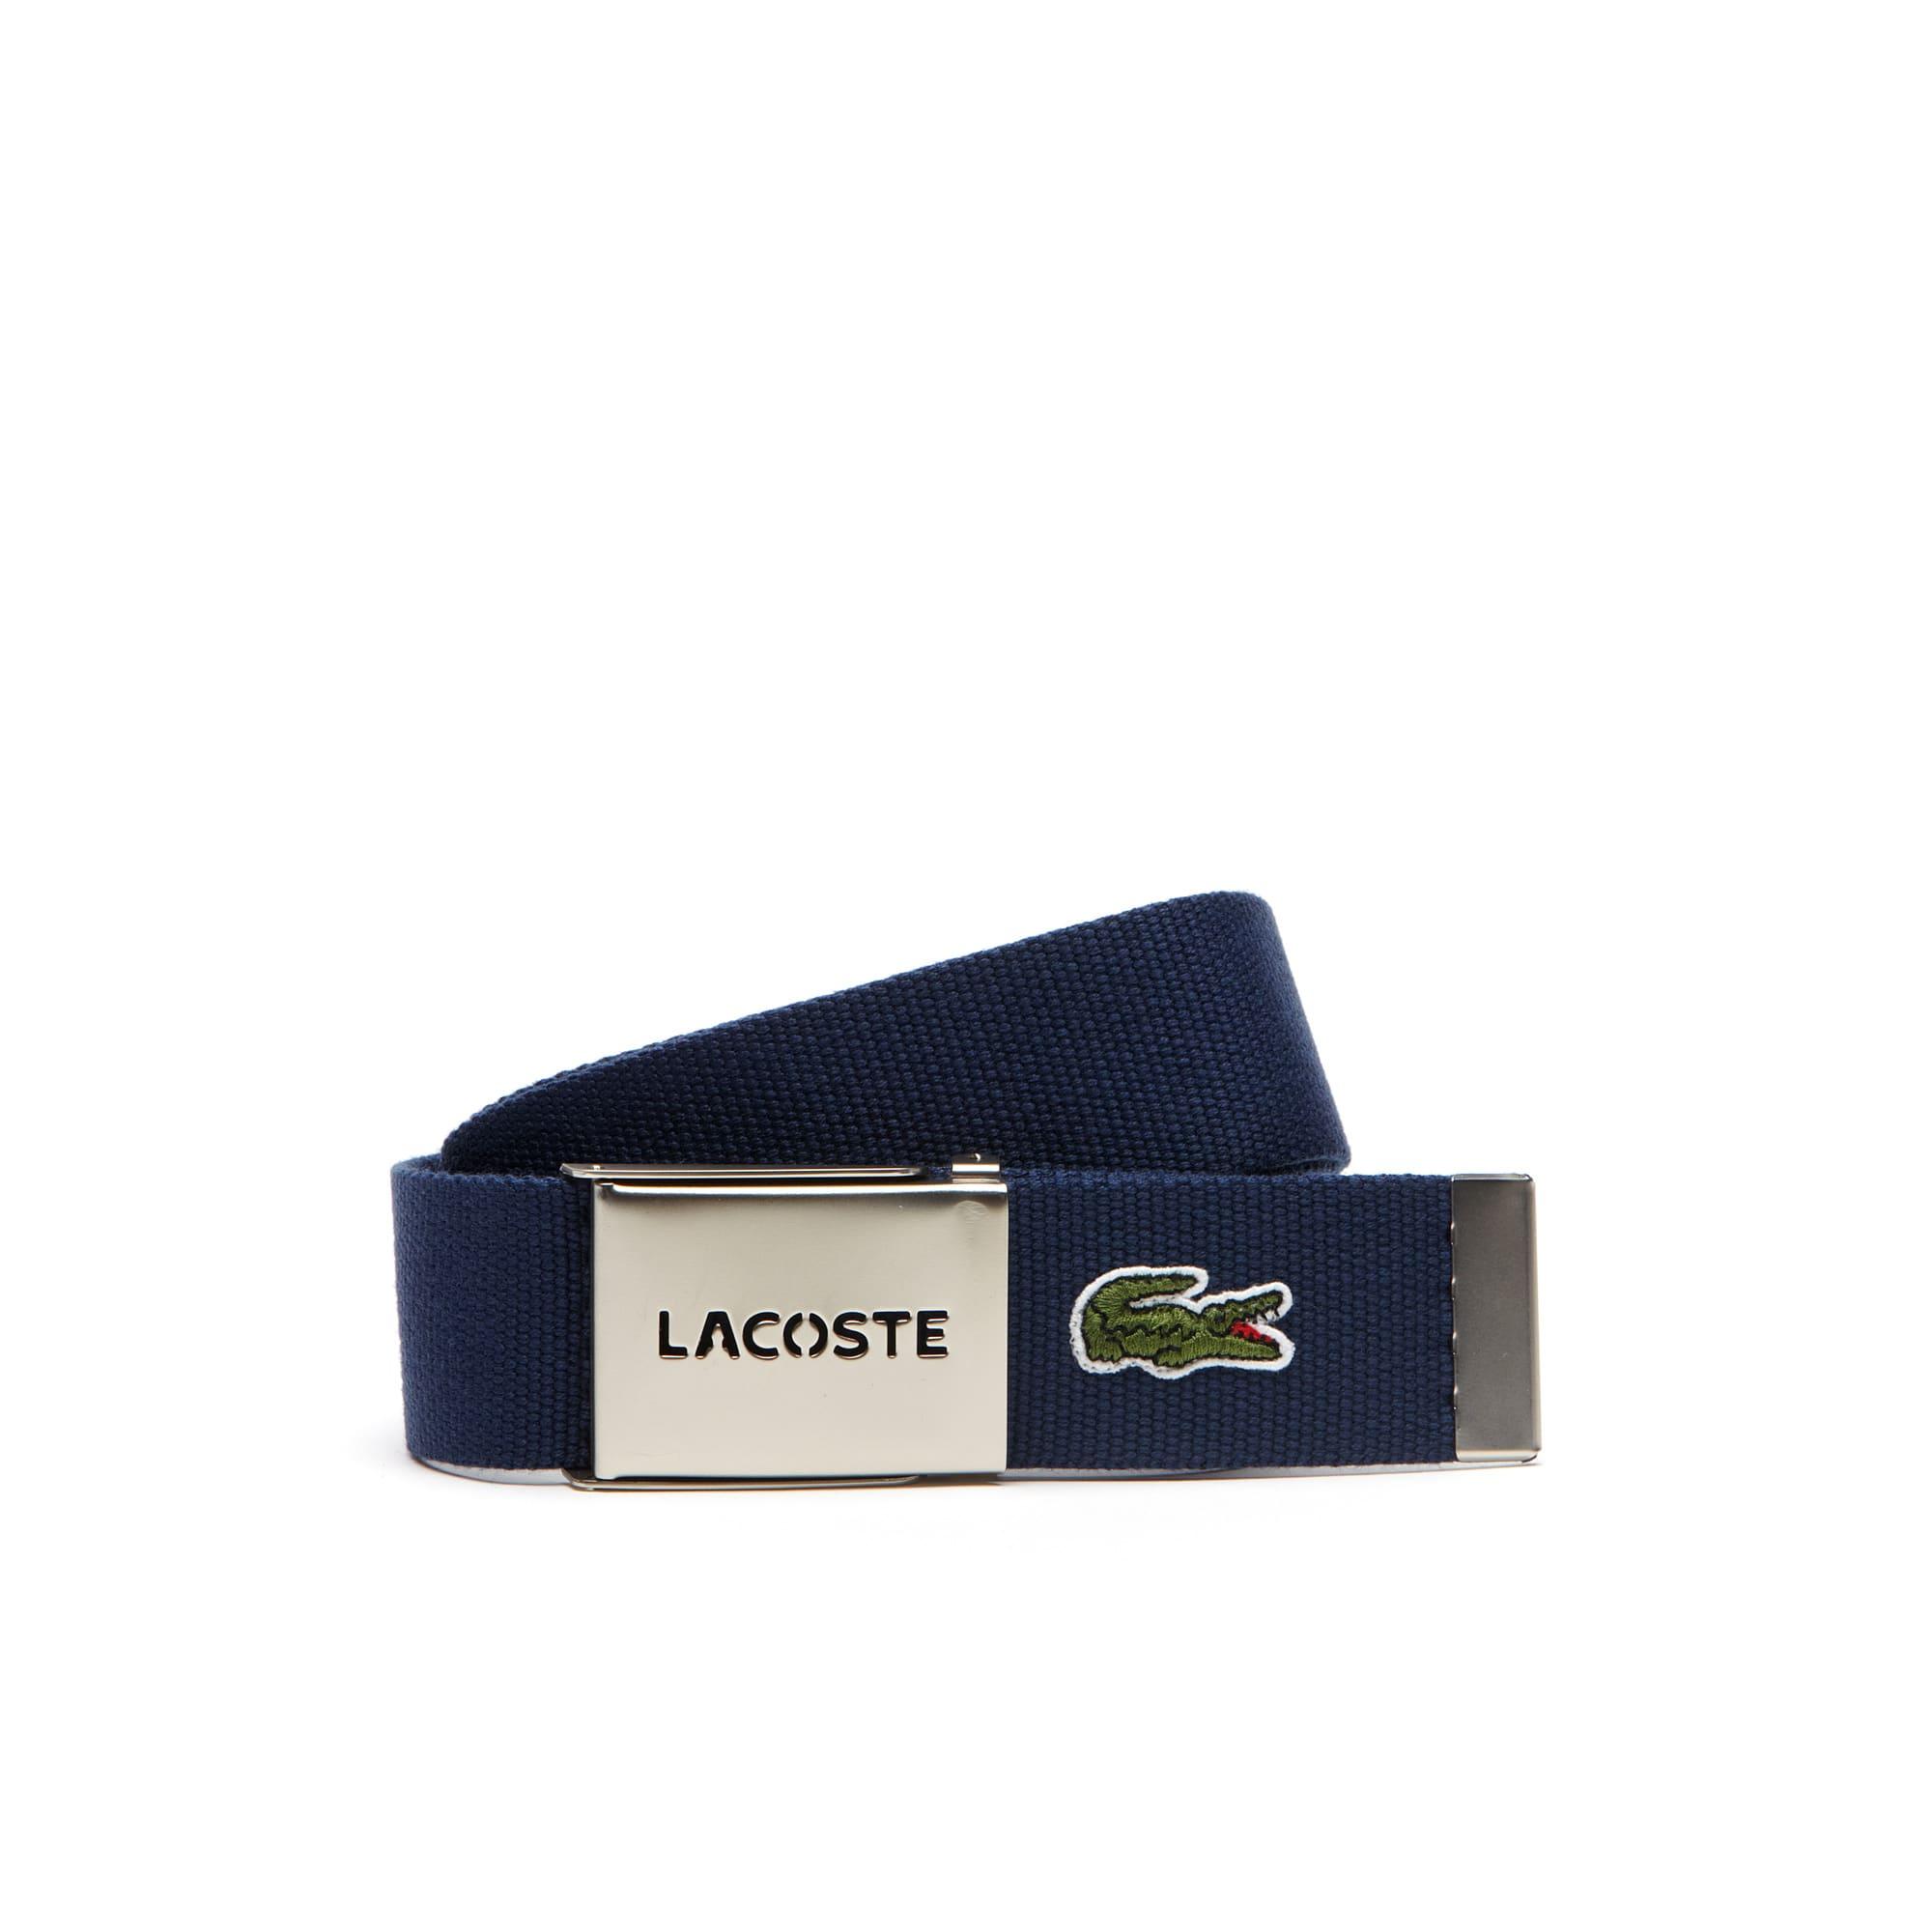 Cintura in tela con placca perforata con scritta Lacoste